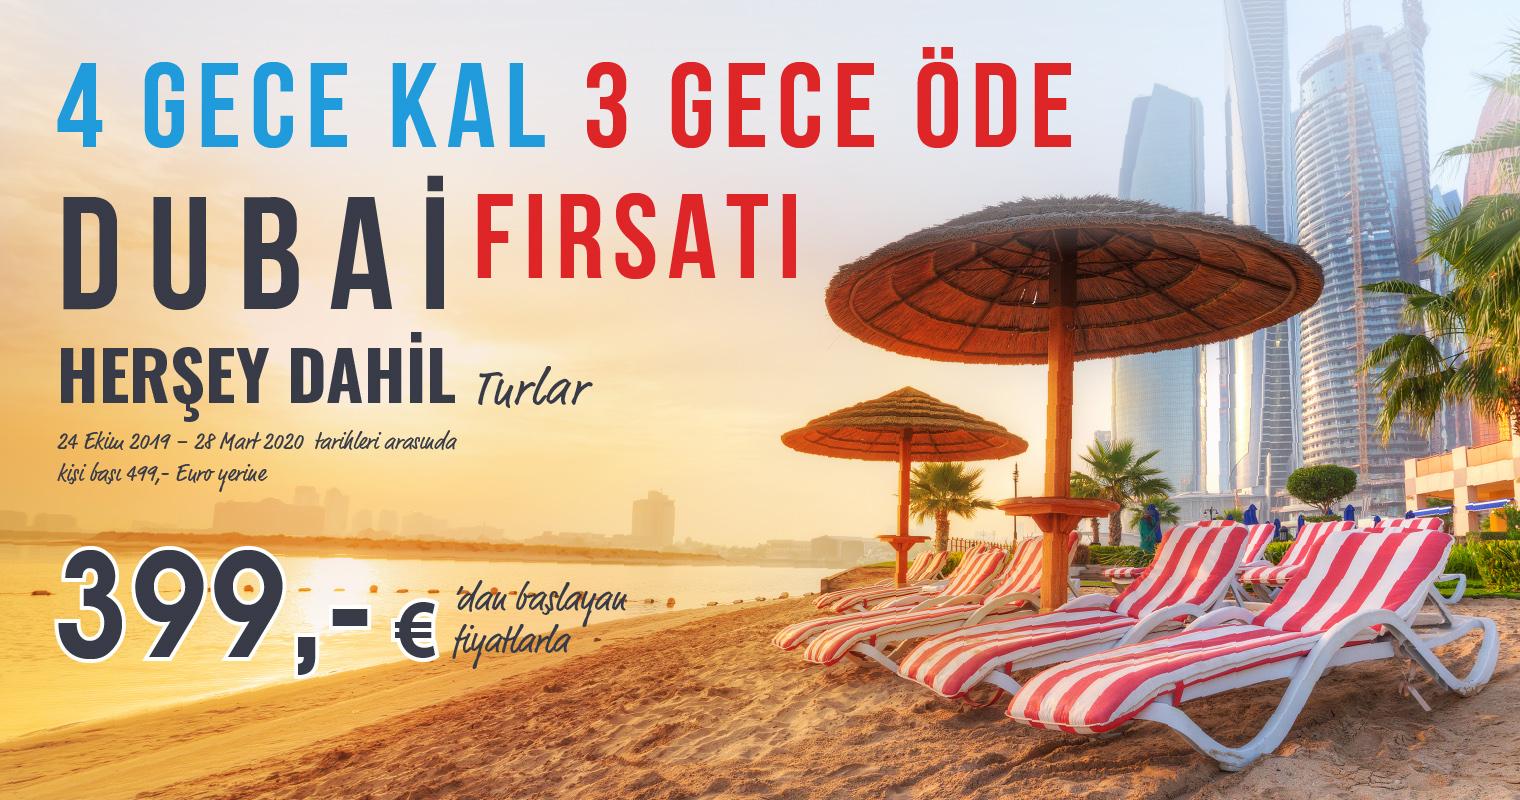 Dubai HERŞEY Dahil Turlarında Fırsat! 4 GECE KAL 3 GECE ÖDE!